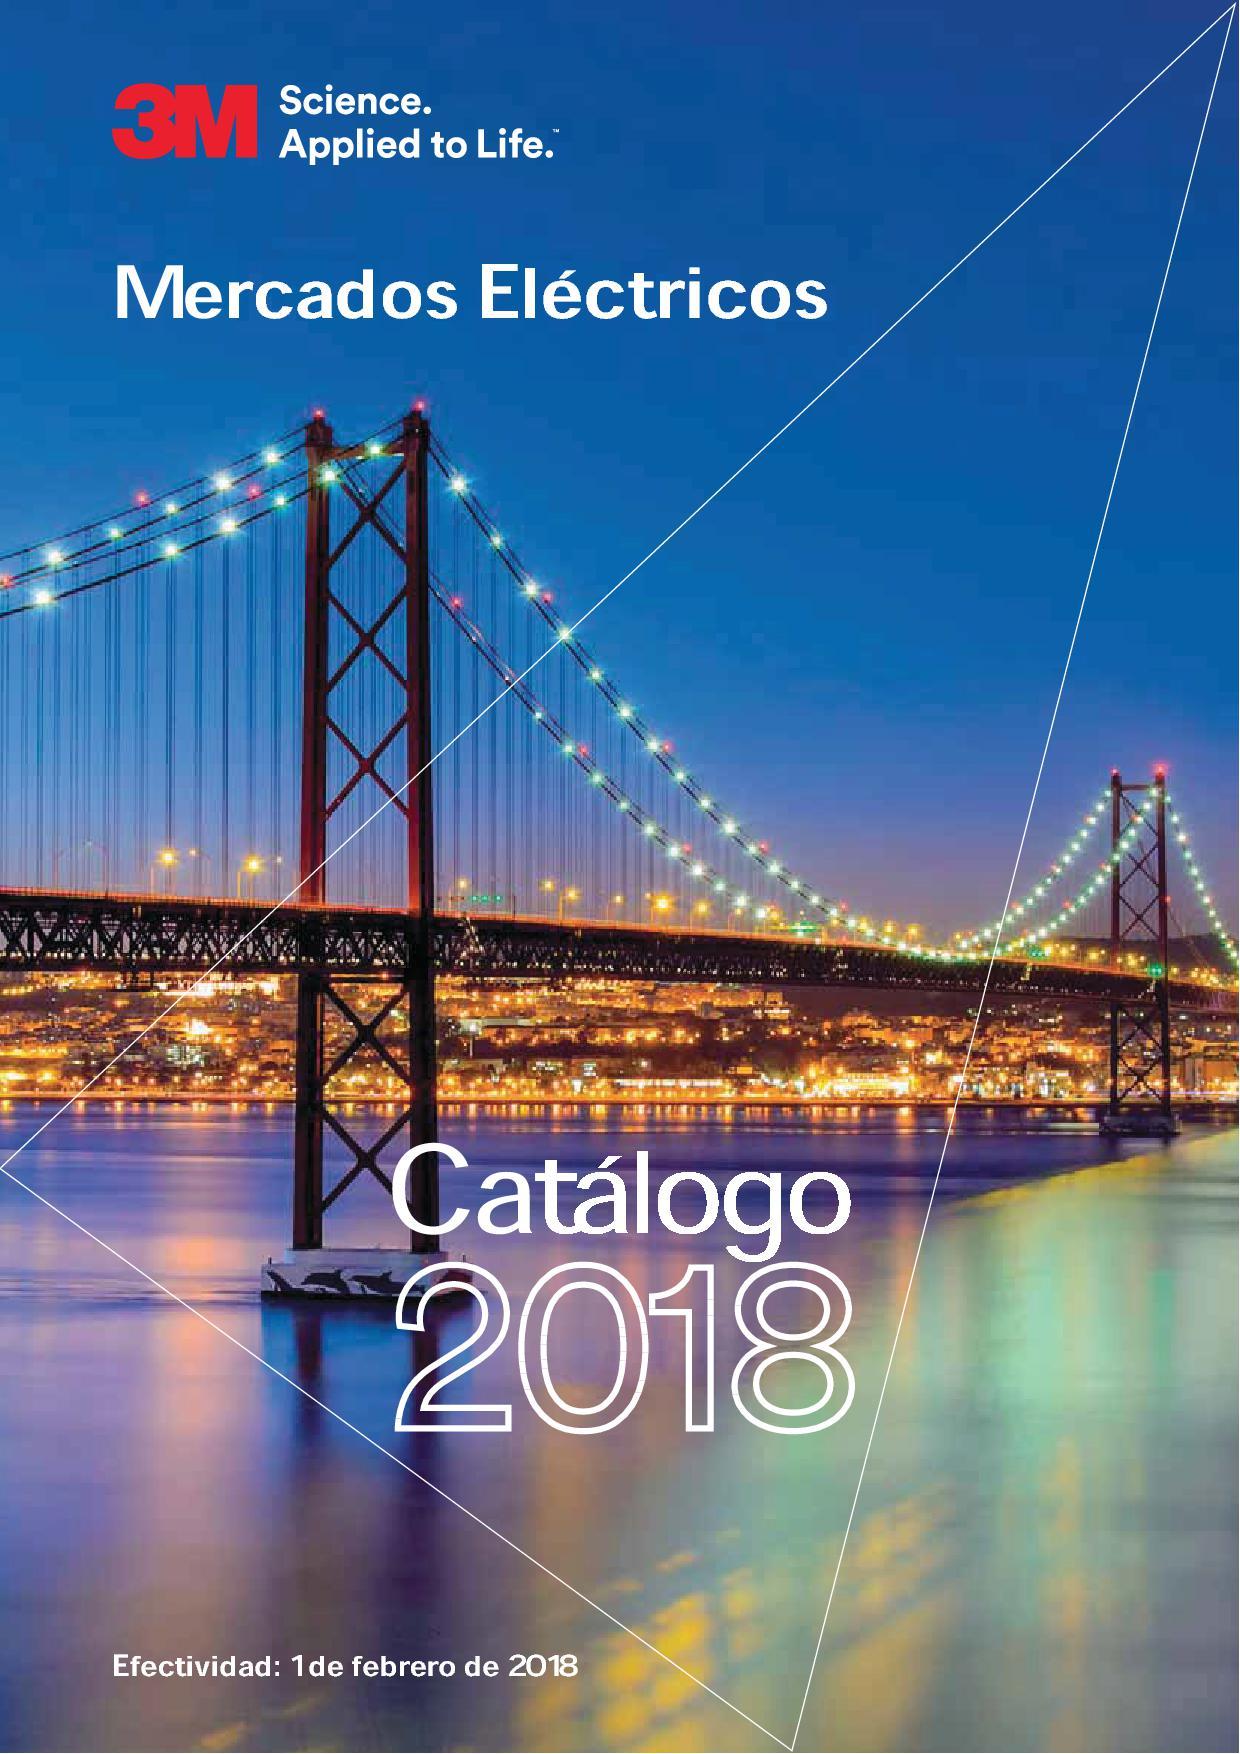 3M - Catálogo de mercados eléctricos